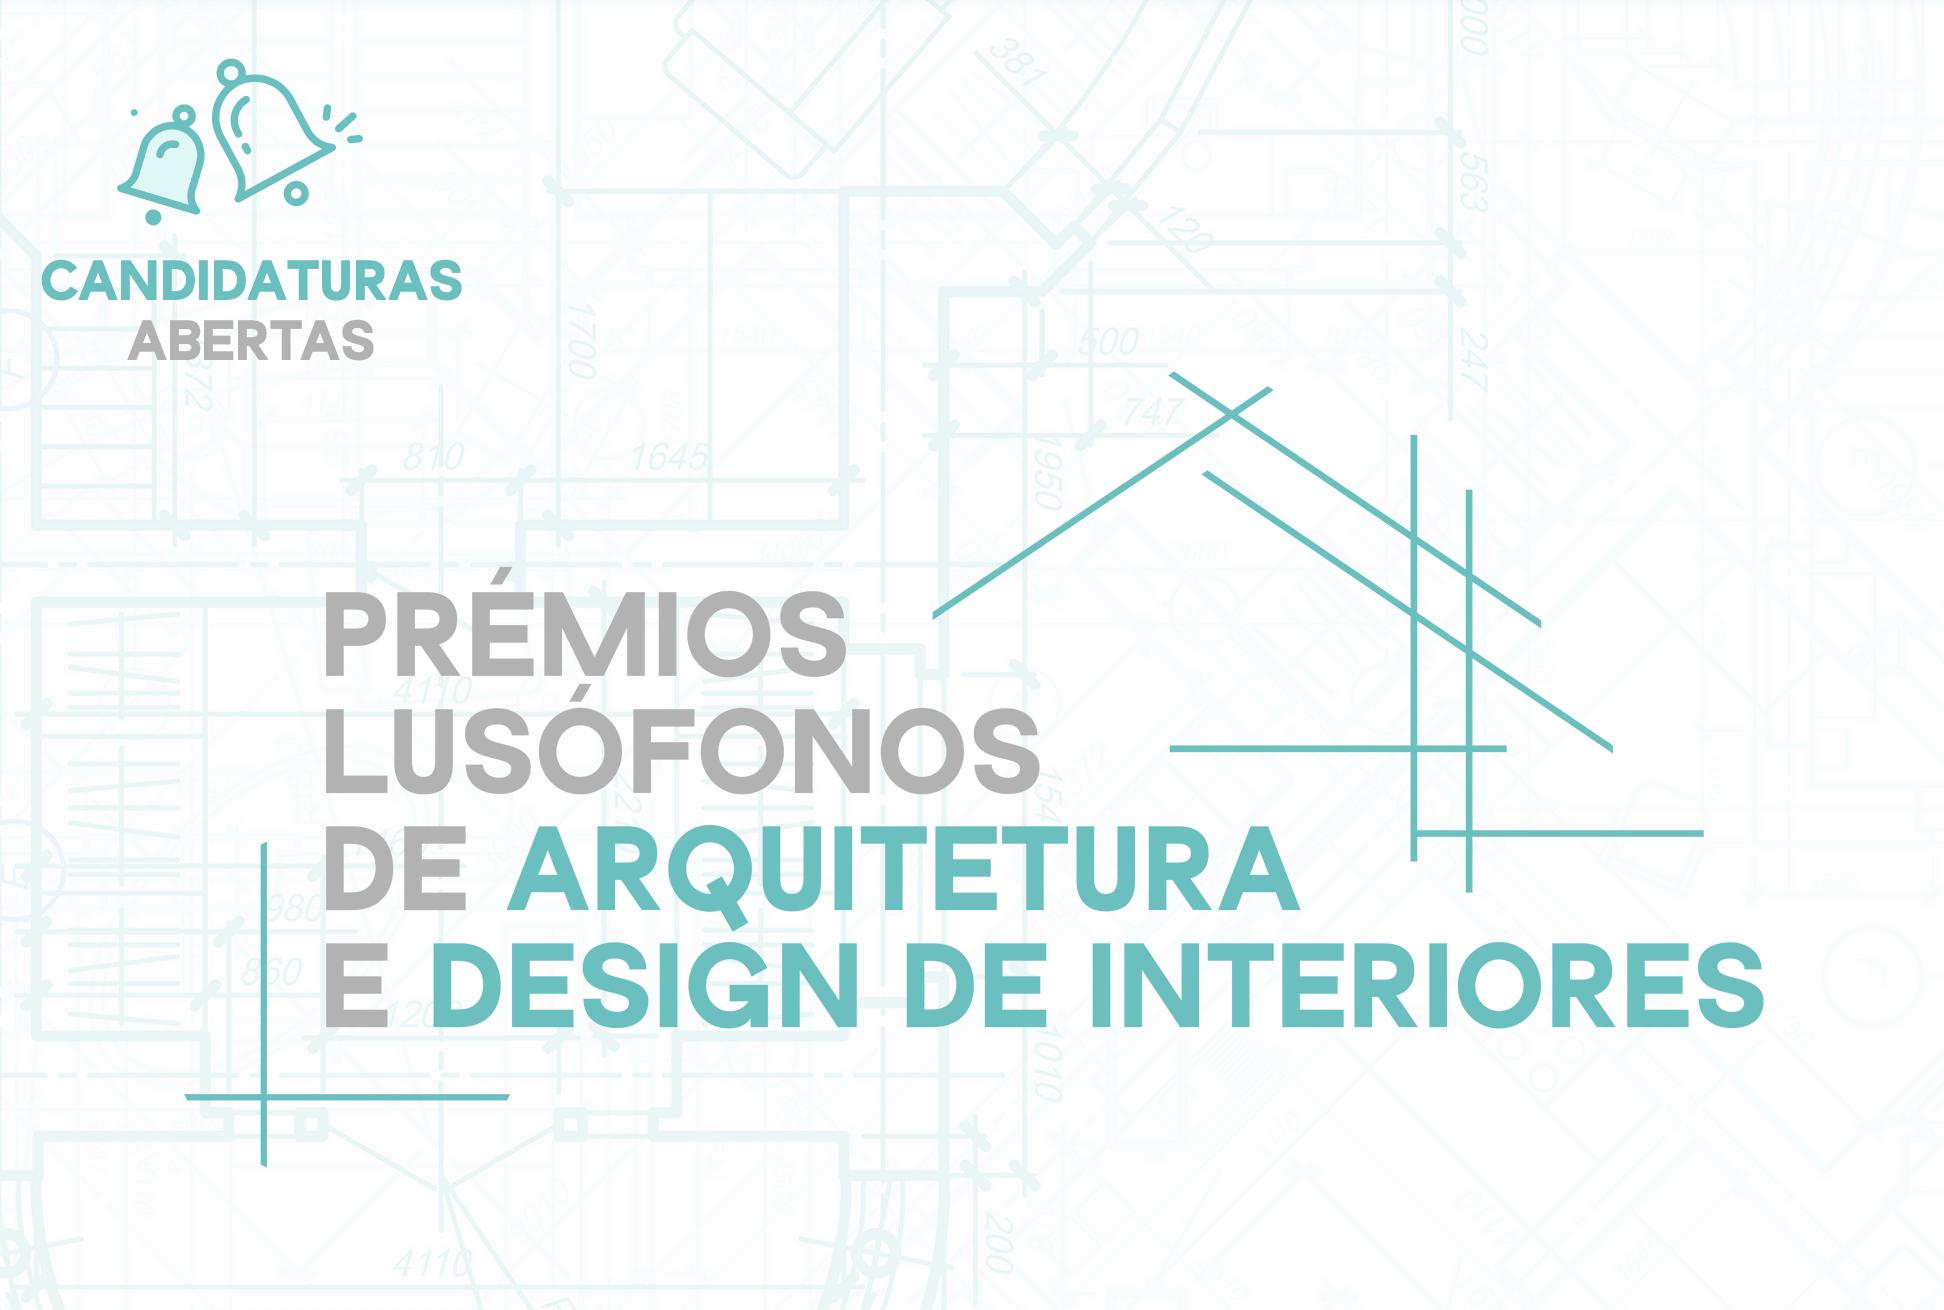 2ª edição Prémios Lusófonos de Arquitetura e Design de Interiores